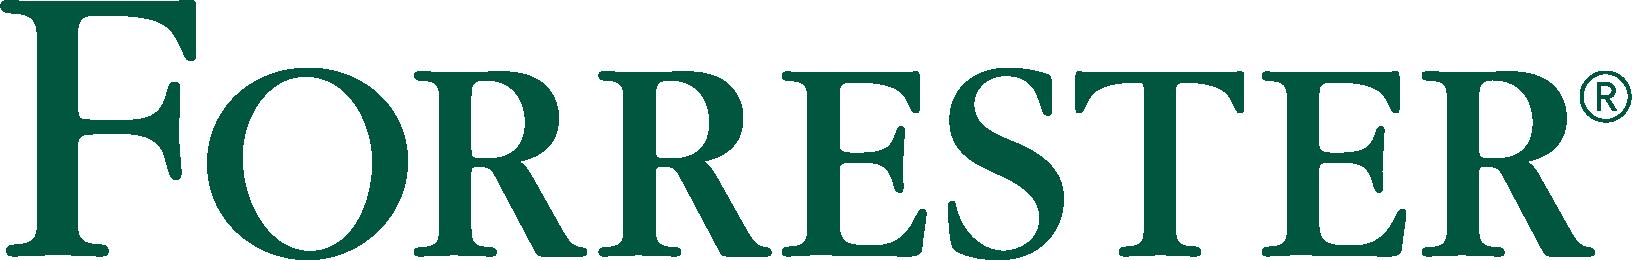 Forrester logo-1.png